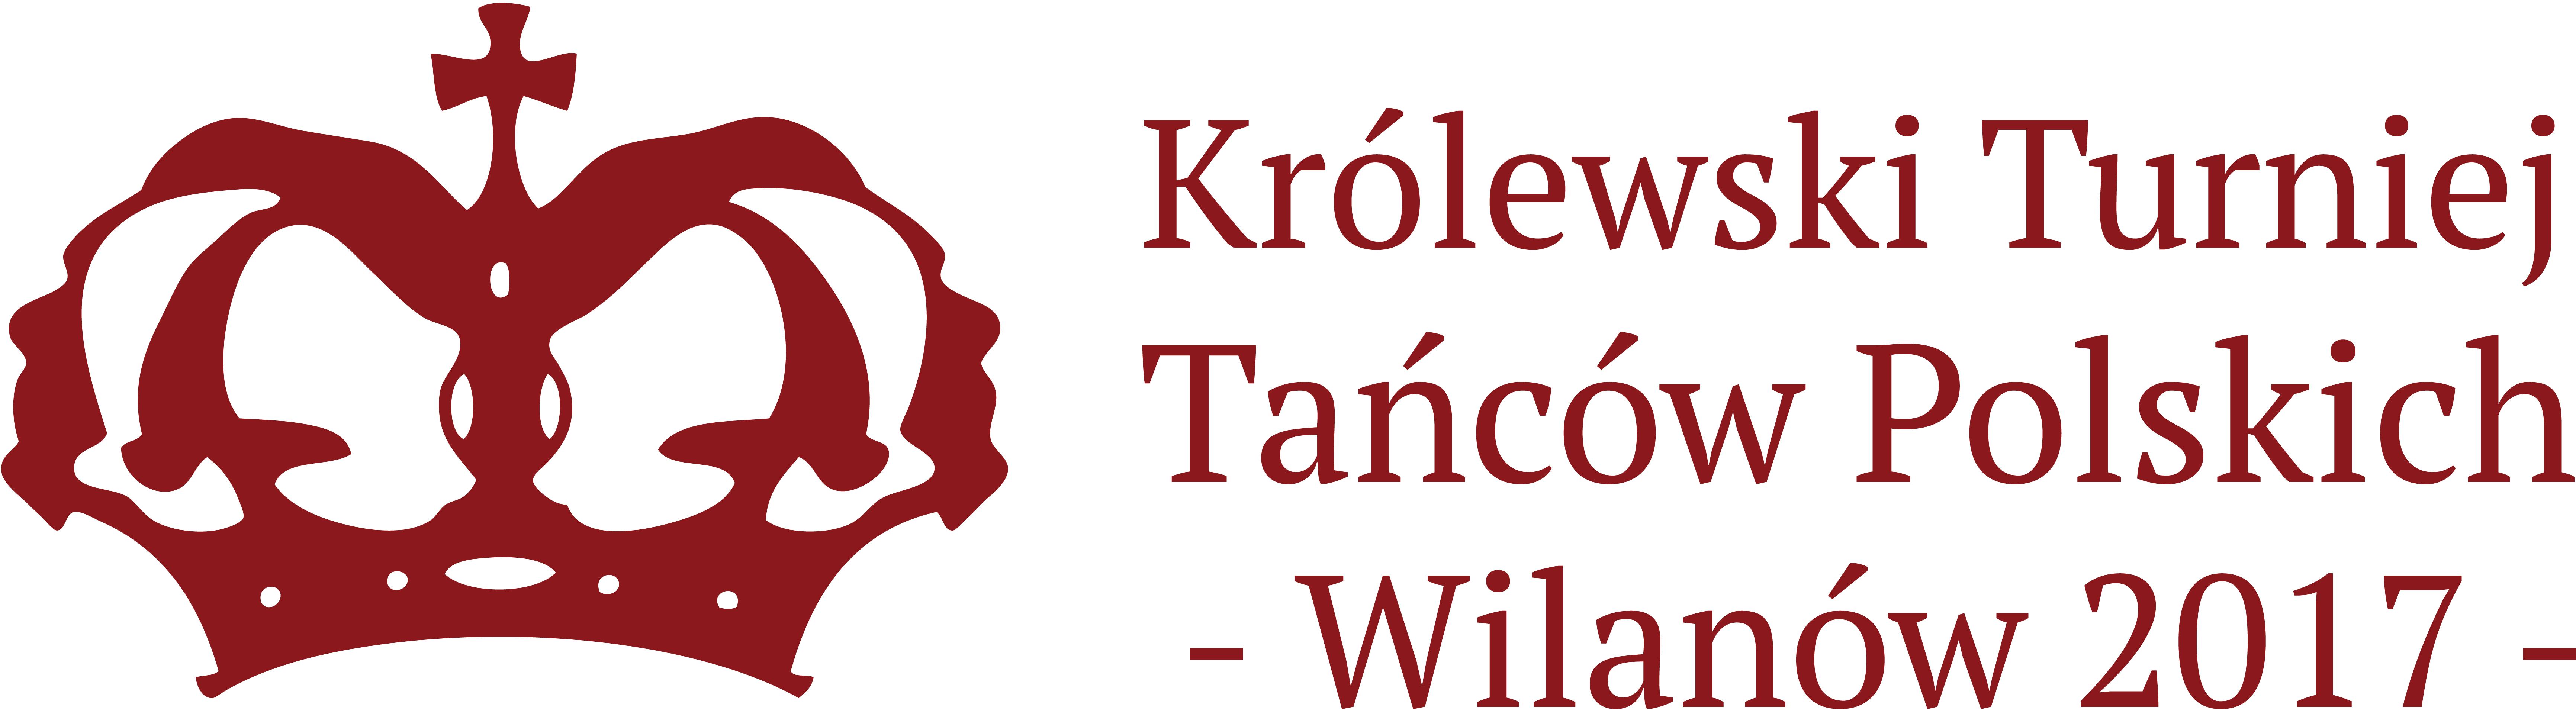 Królewski Turniej Tańców Polskich w Wilanowie